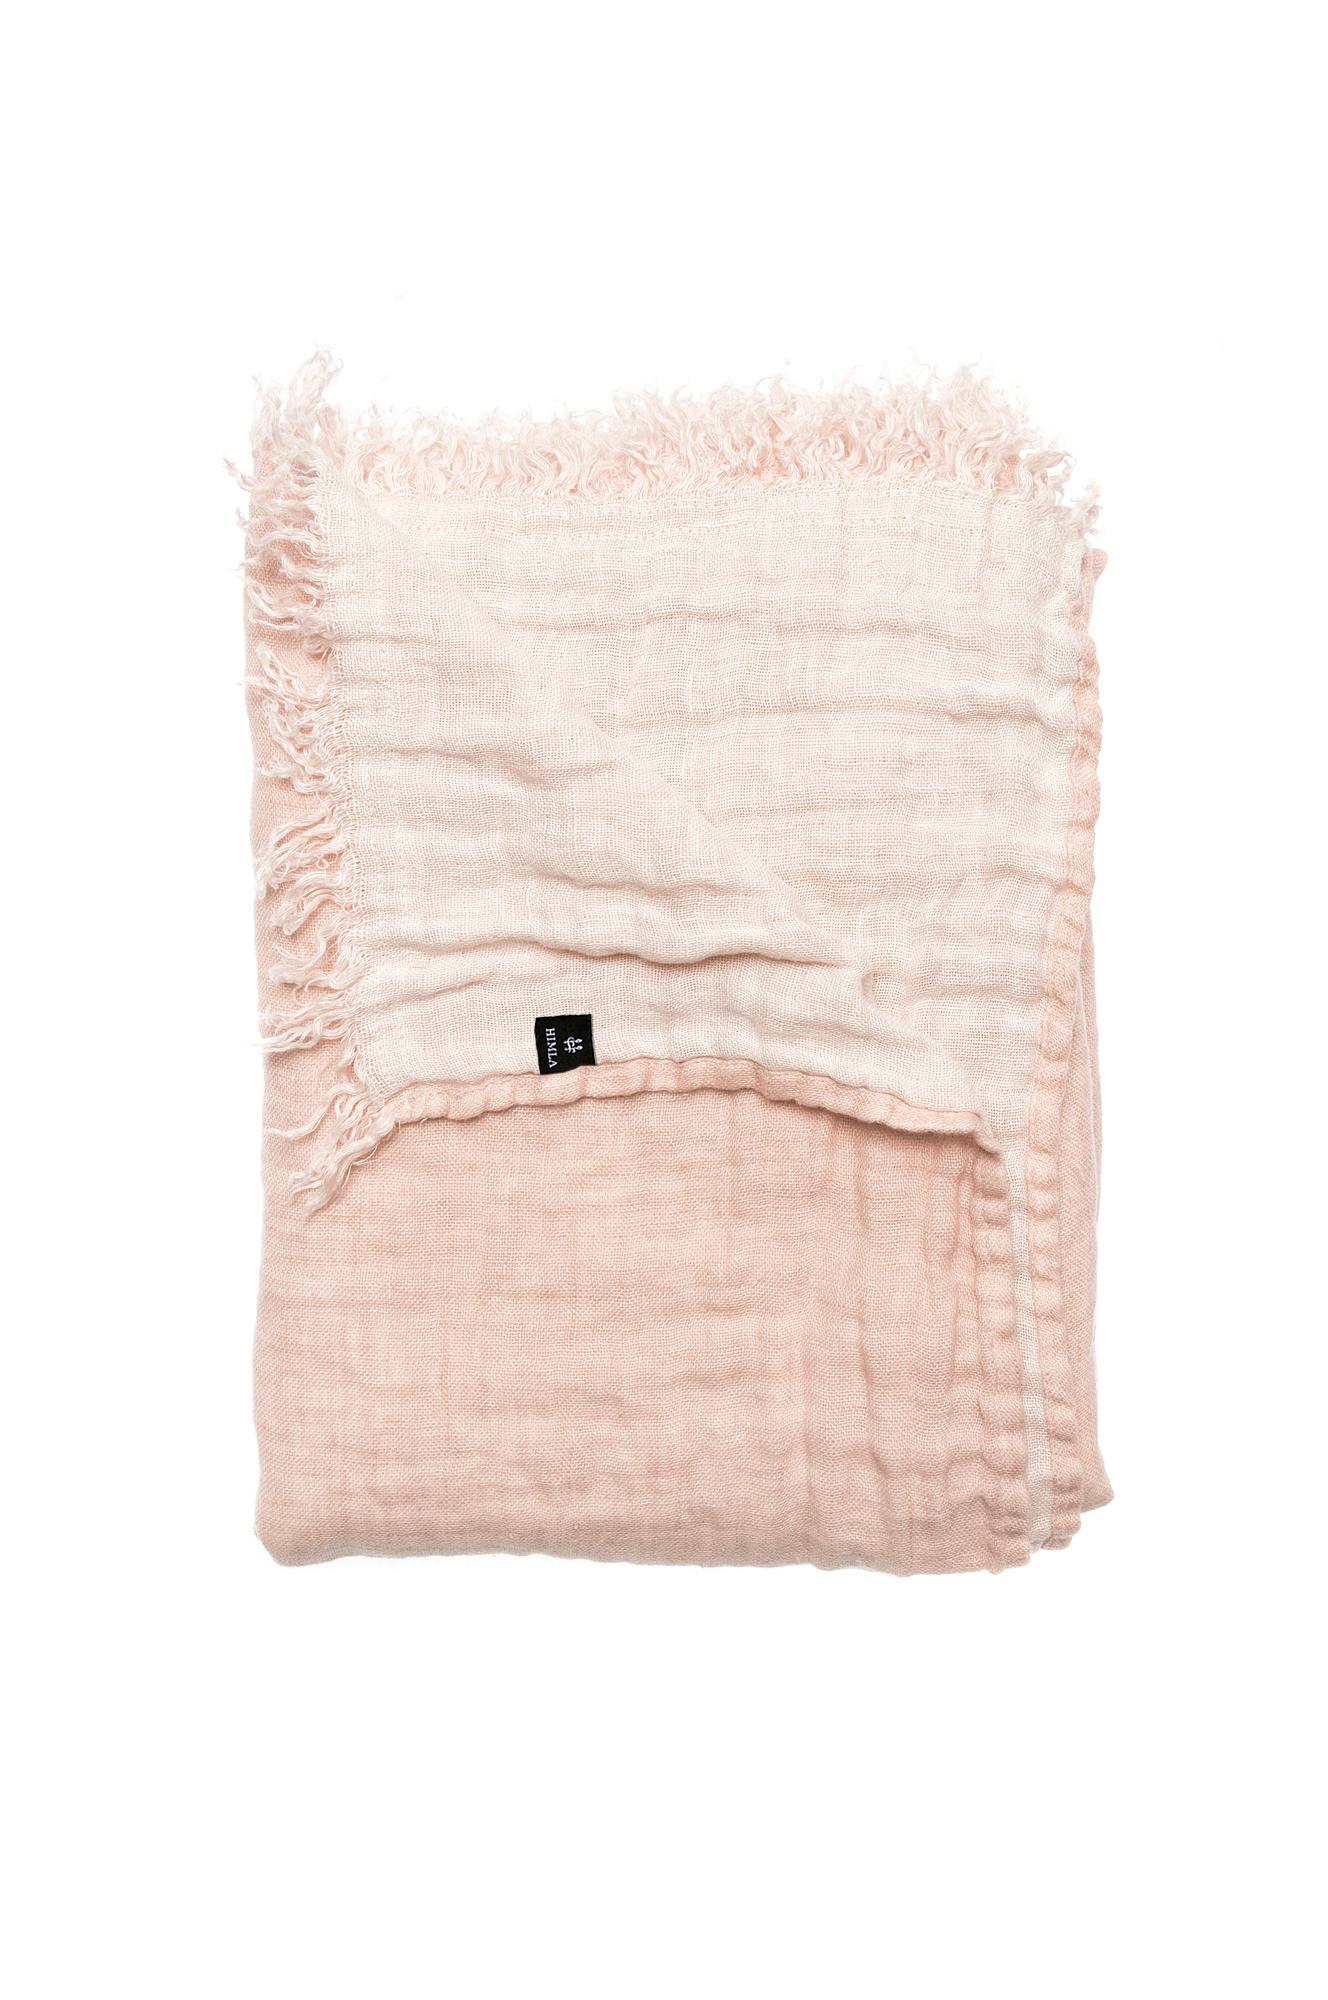 Hannelin-torkkupeitto pestyä pellavaa, 130x170 cm